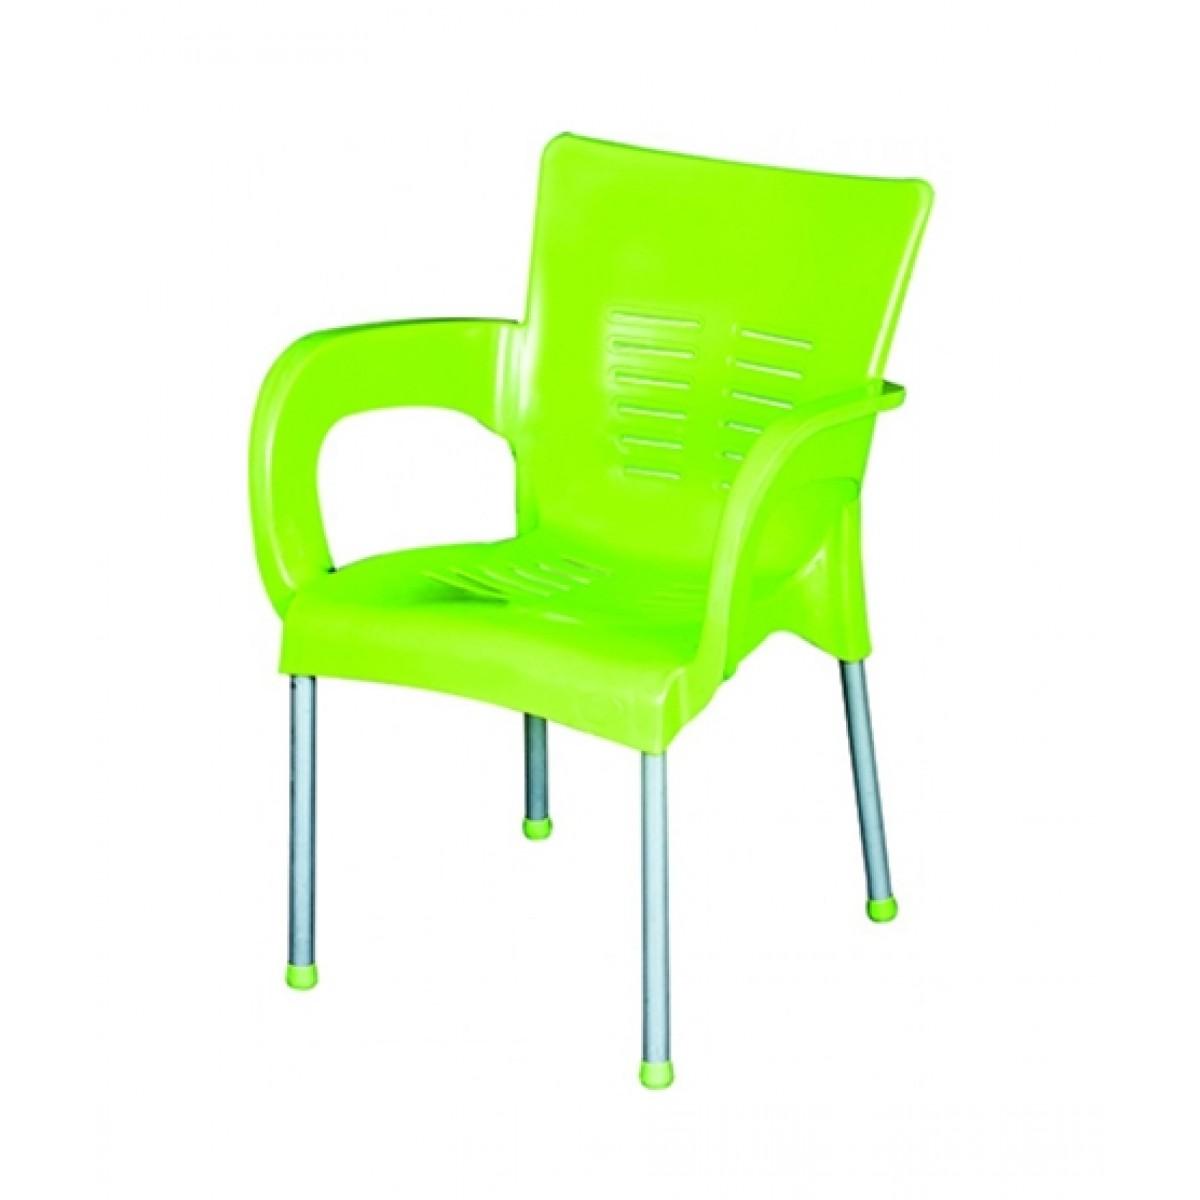 اغسل النوافذ حار قليلة boss chair price in pakistan